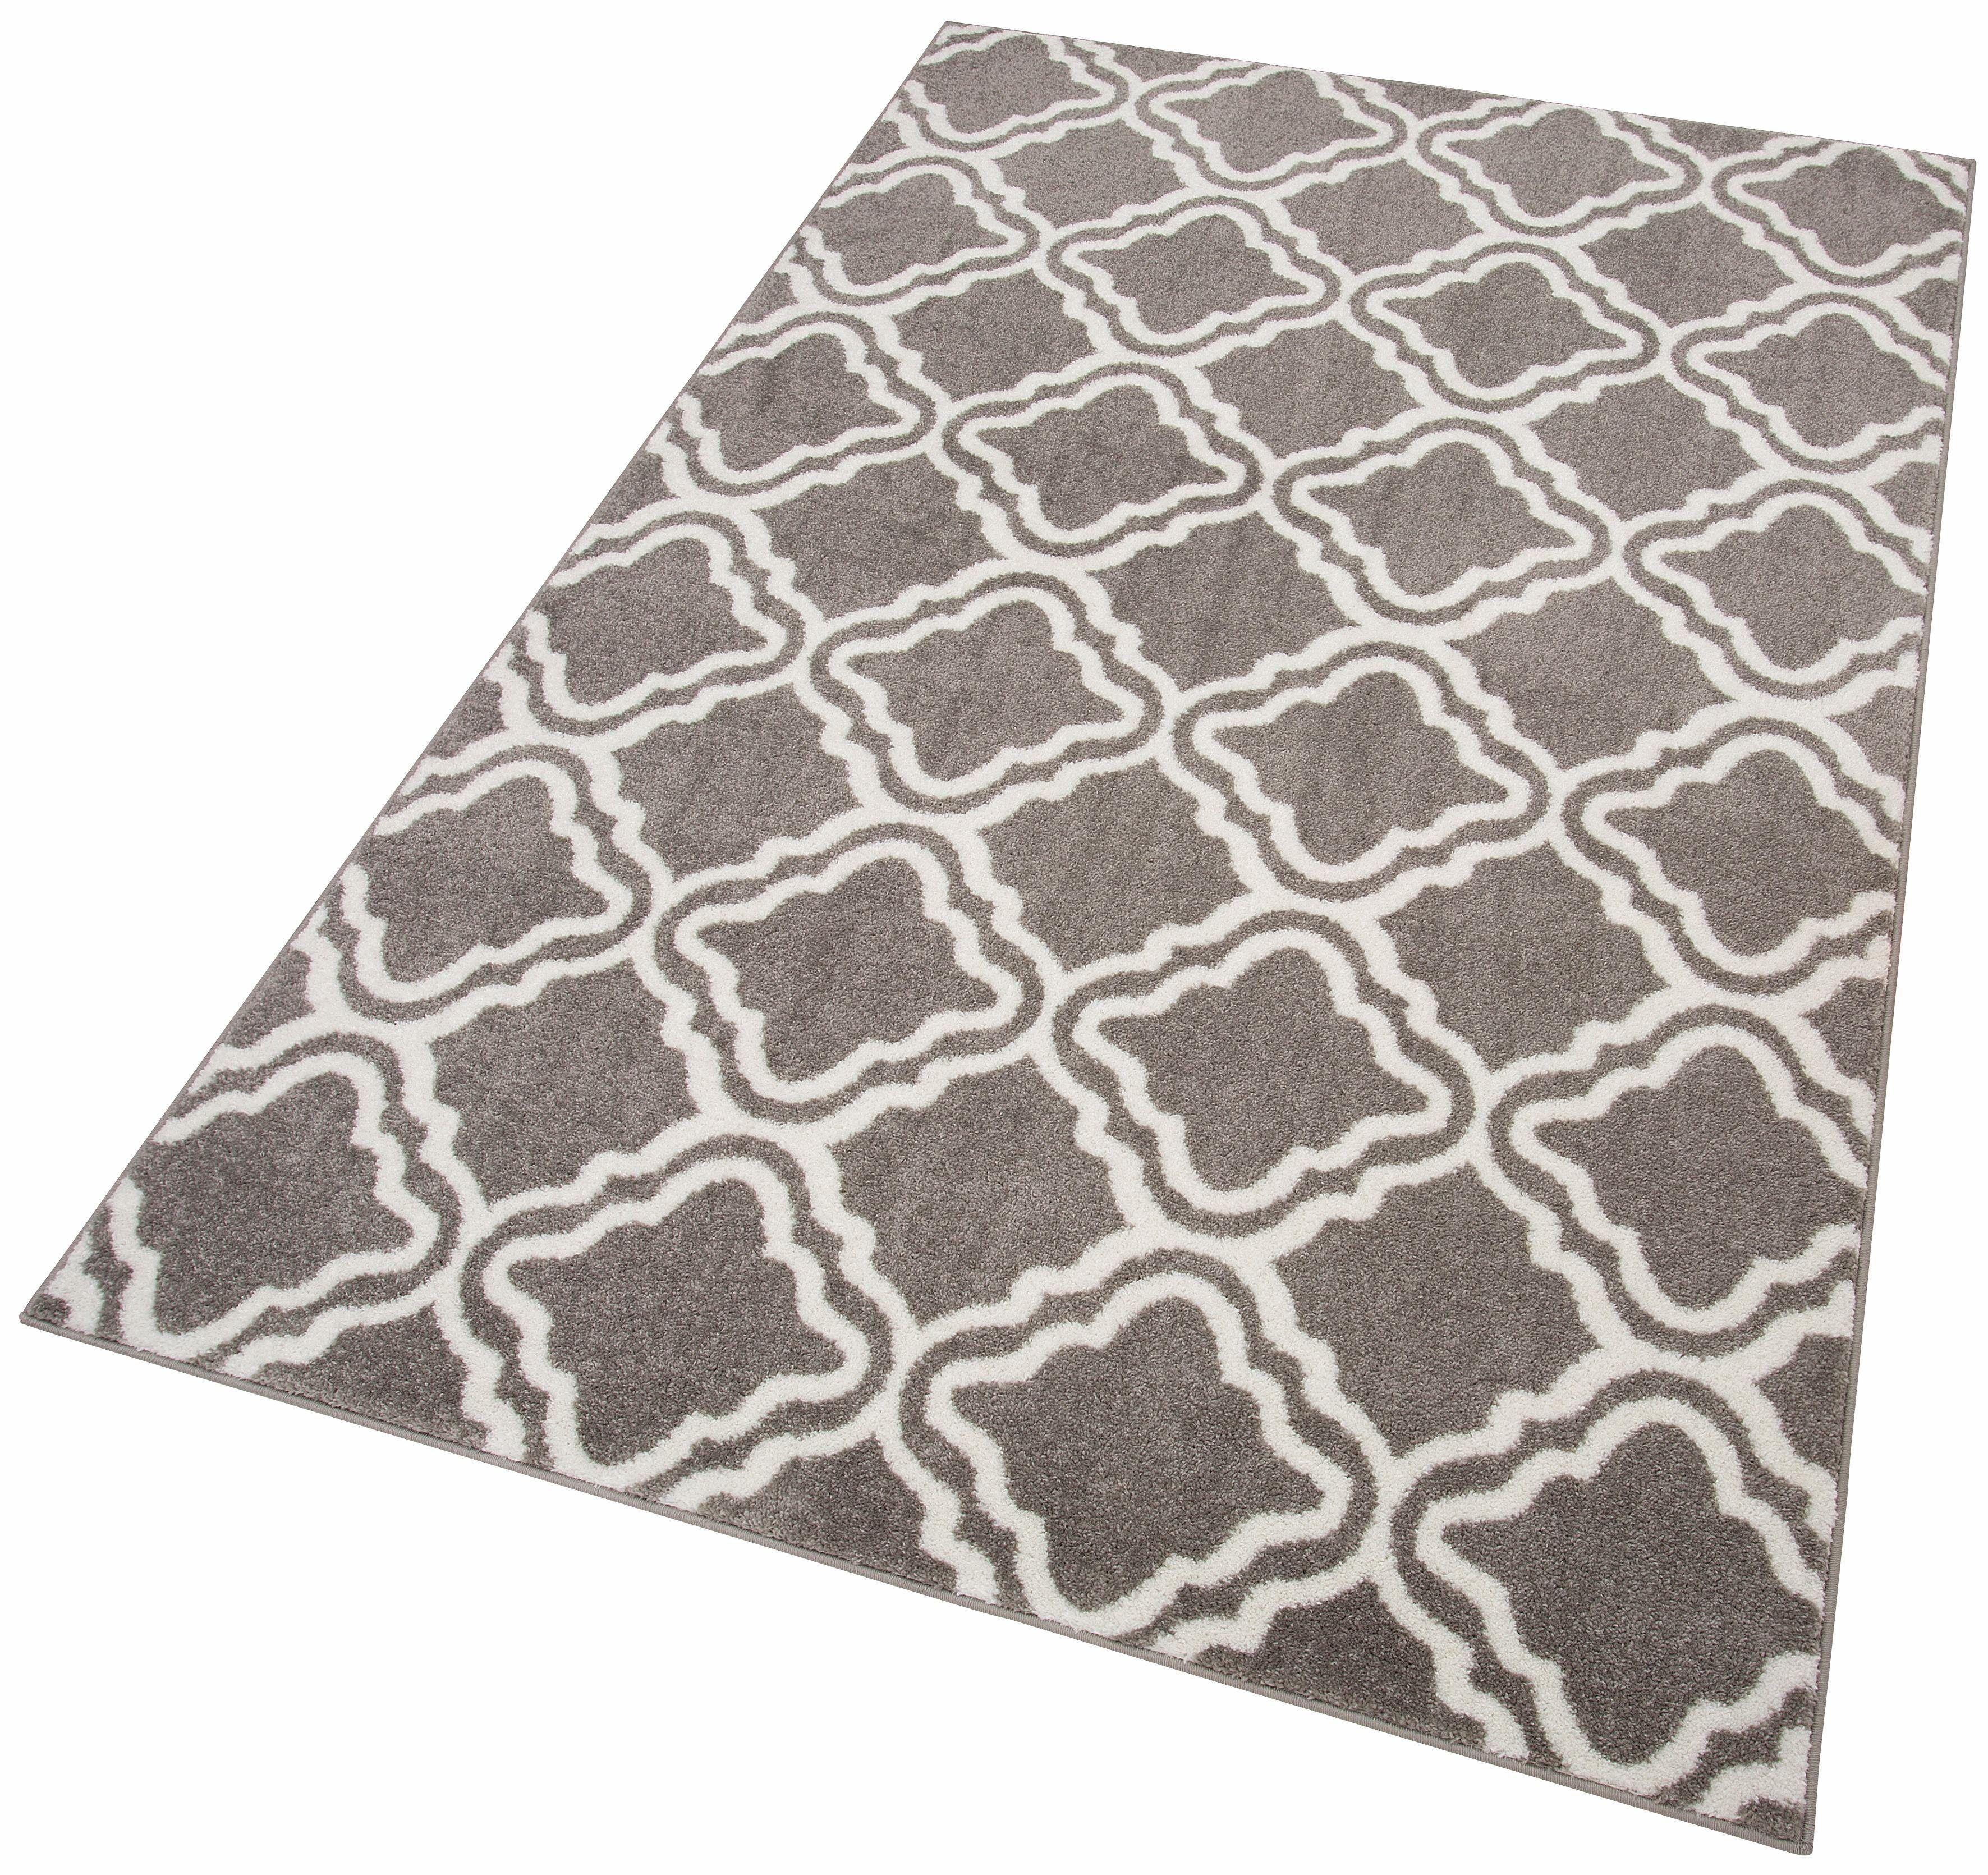 my home Teppich Debora grau B L 200x300cm 13mm Jetzt bestellen unter